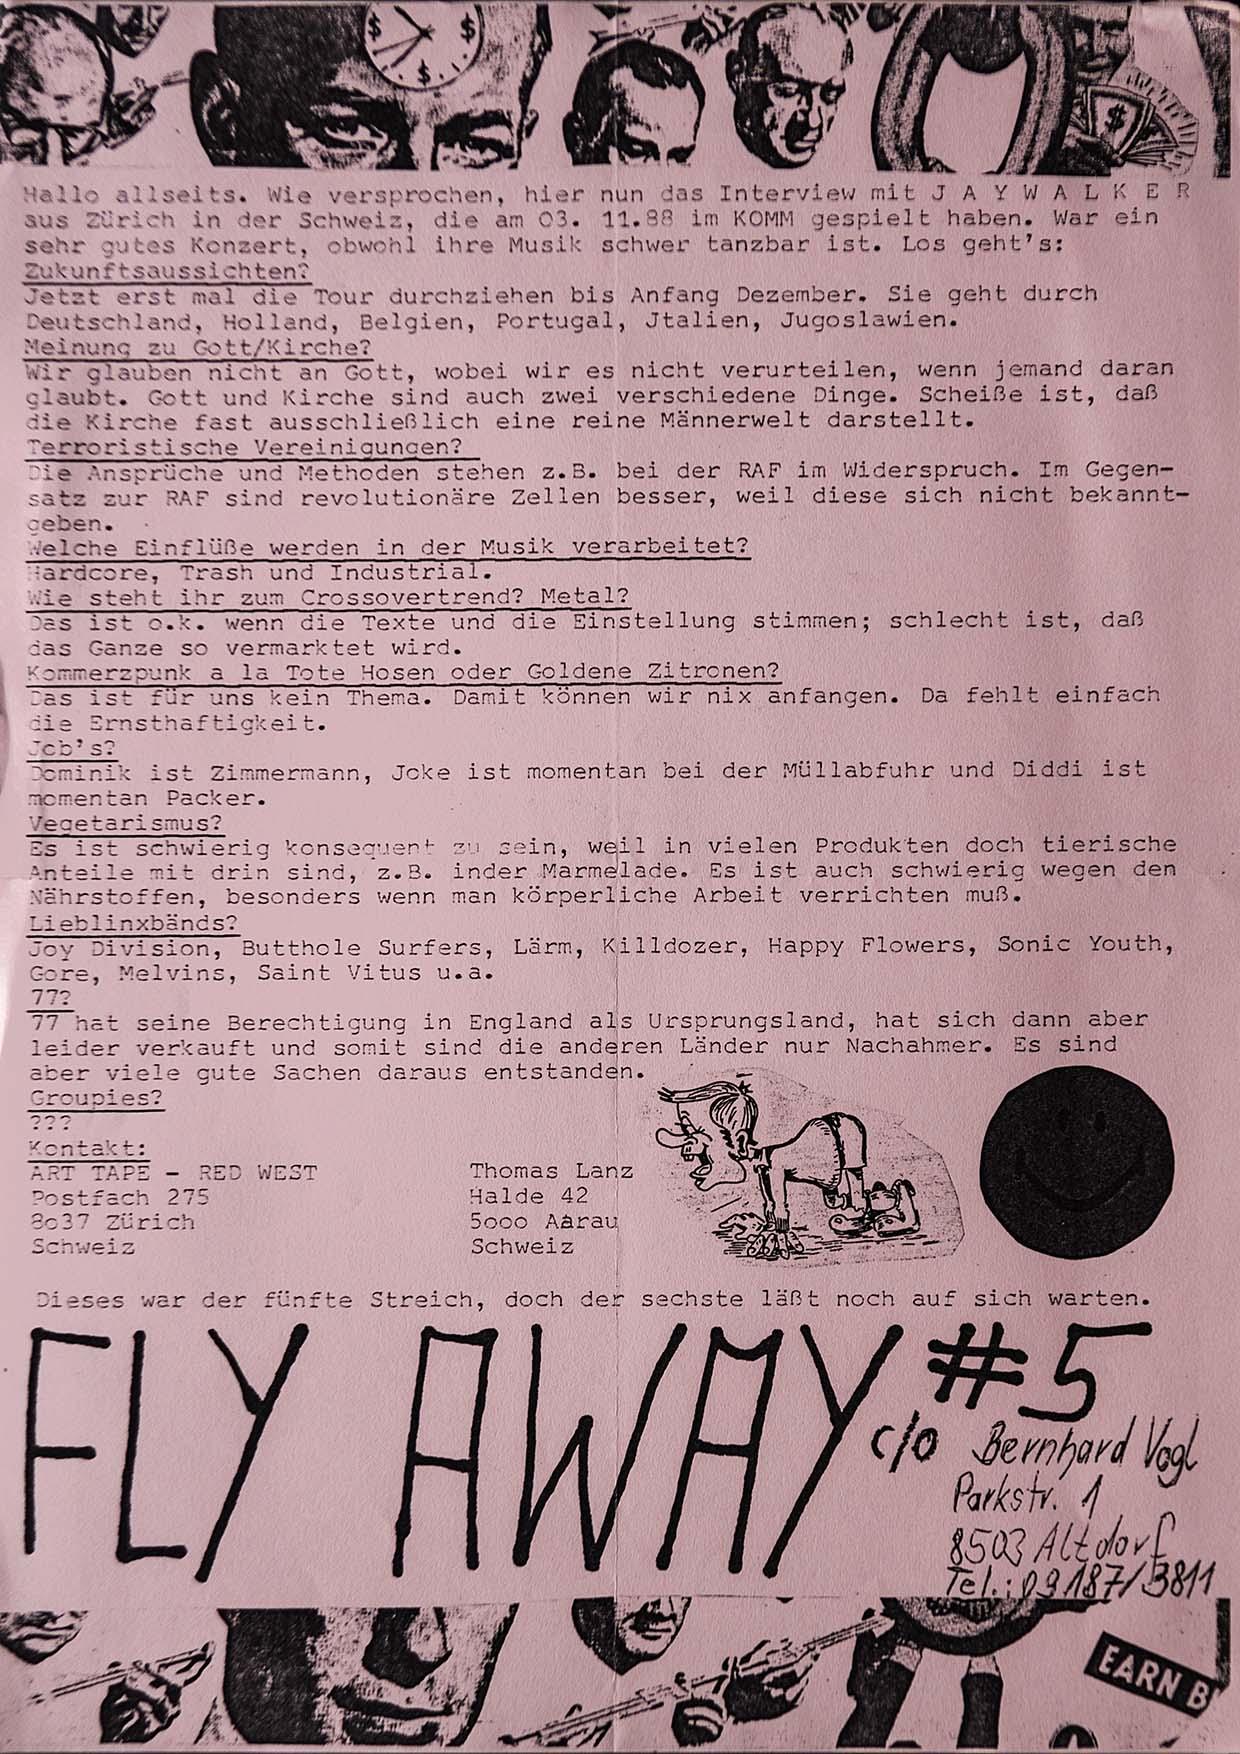 Fanzine - Fly Away - Ausgabe 5 - FrankenPunk